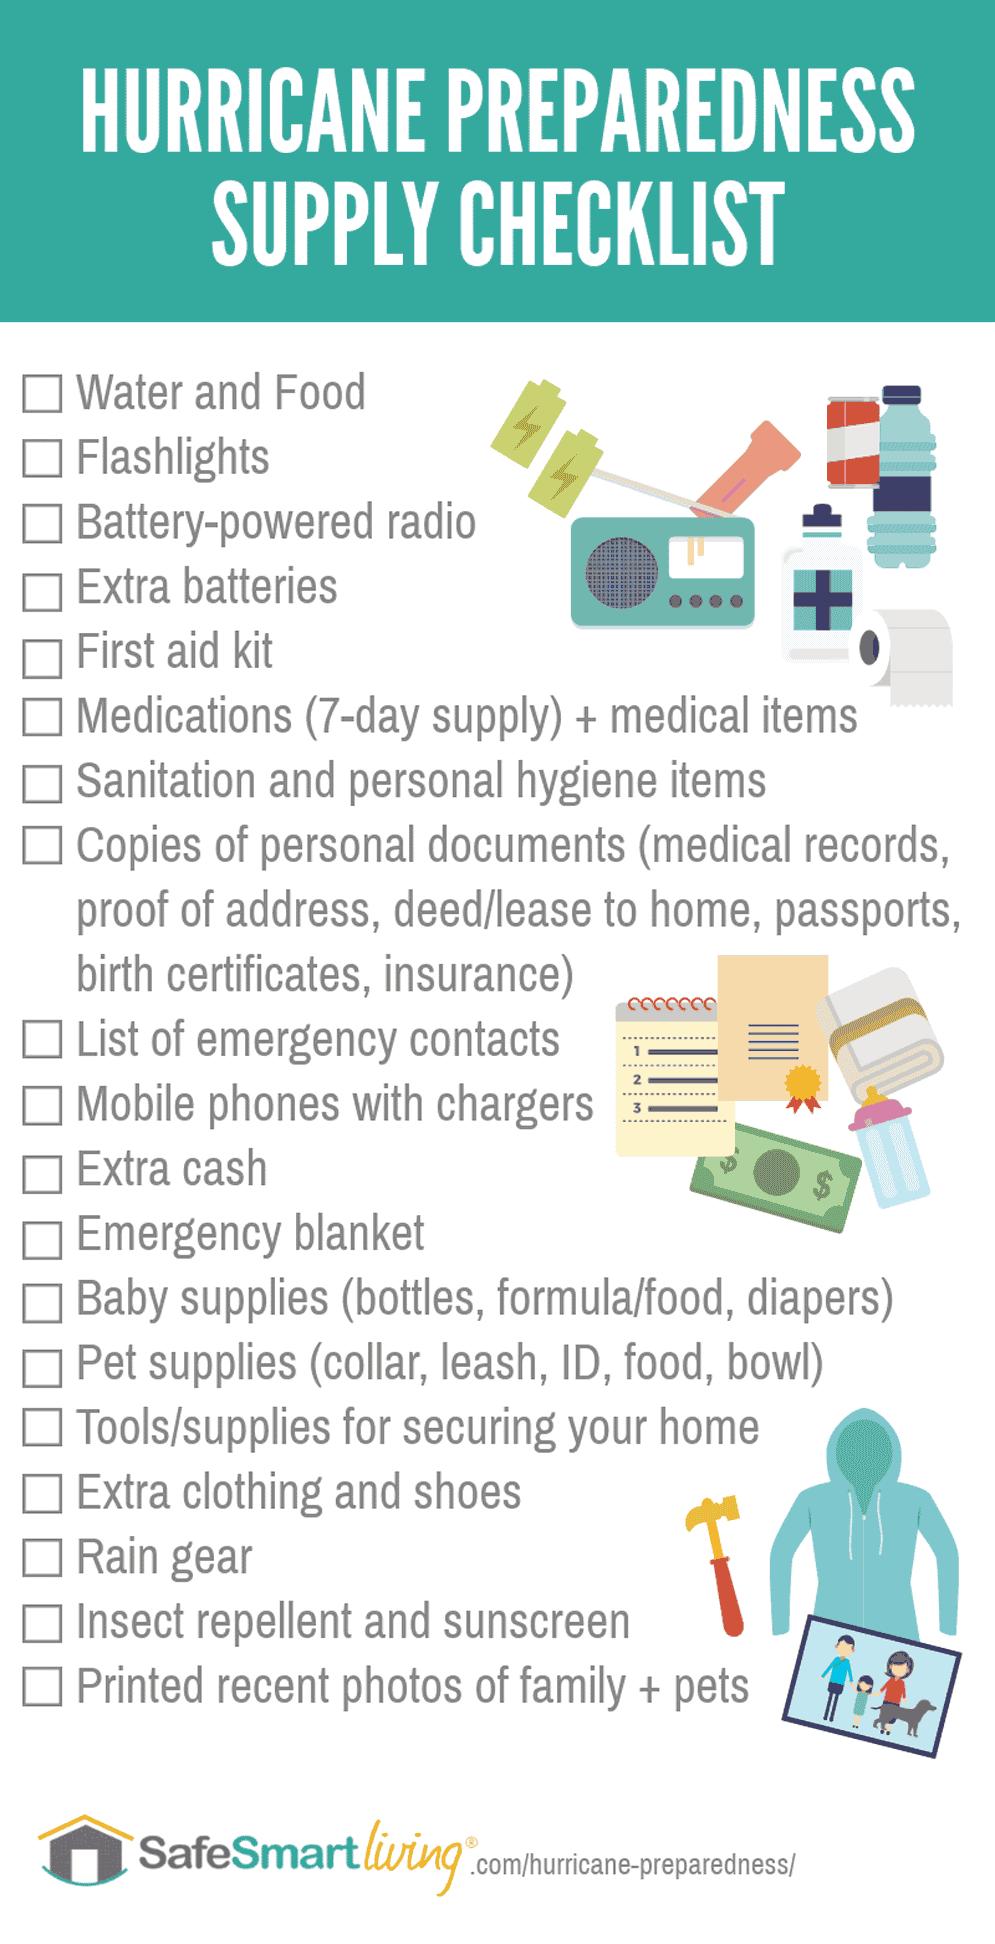 Hurricane Supply Checklist Infographic